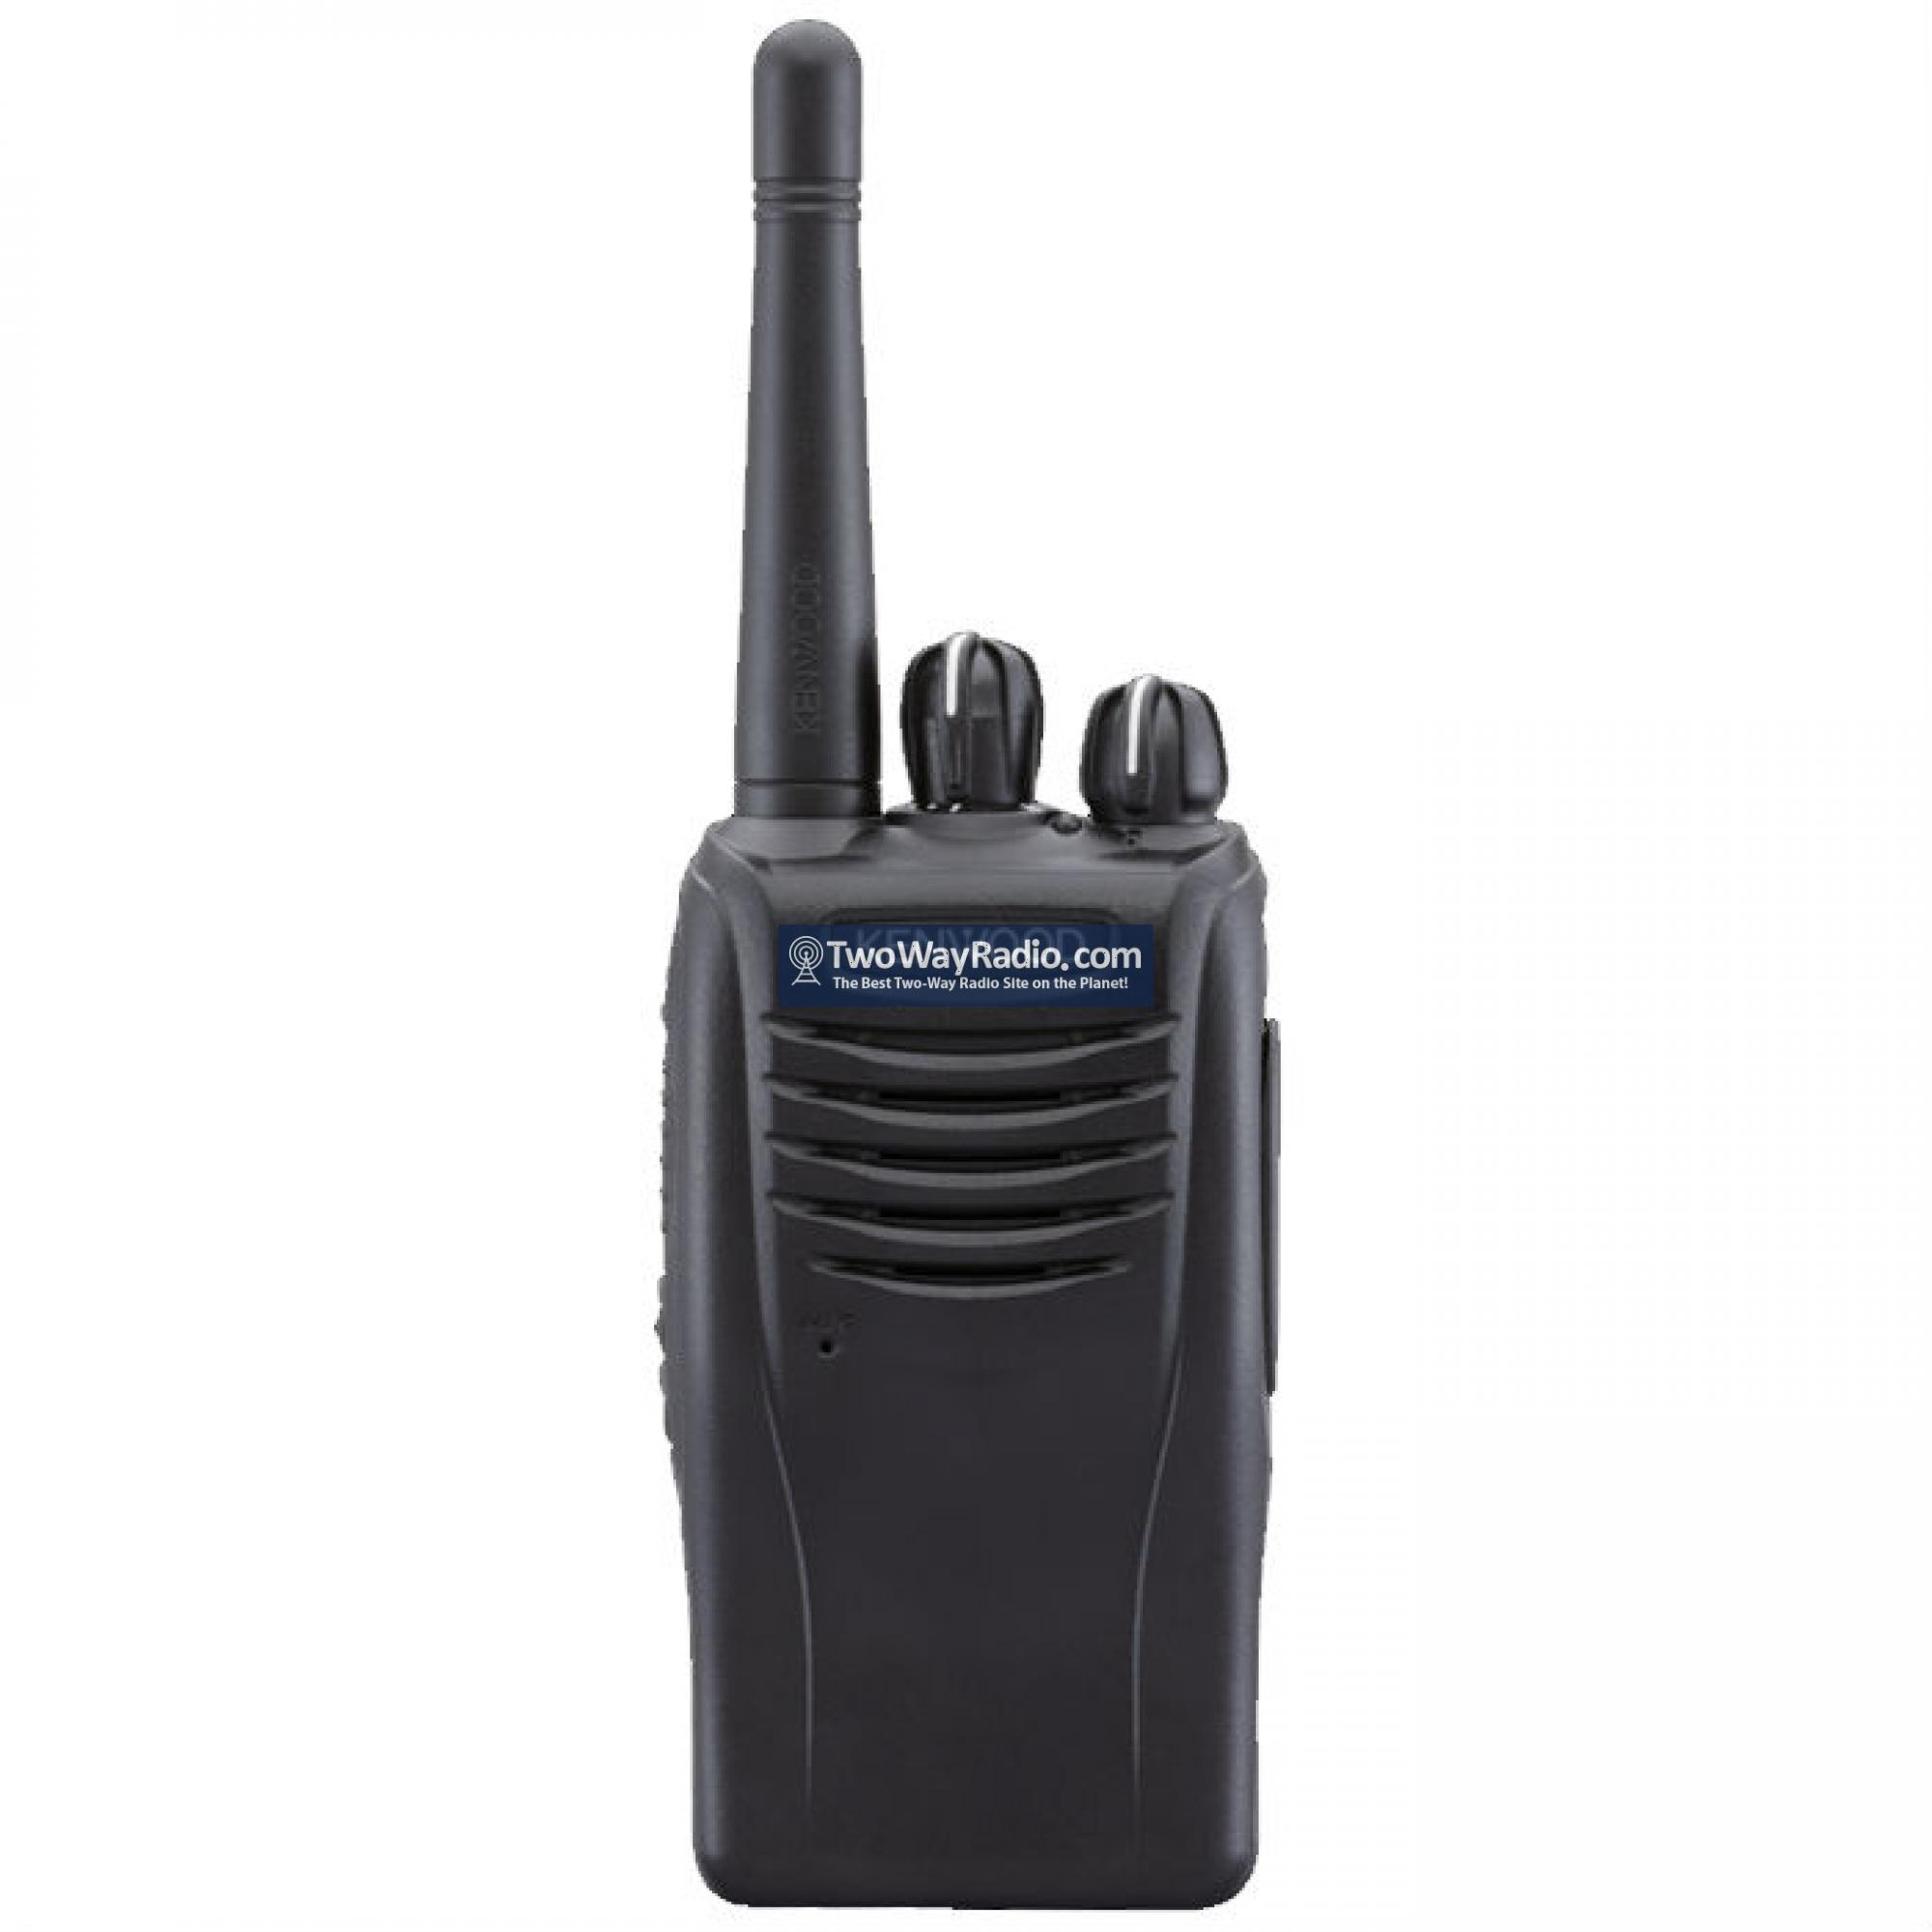 Kenwood TK-3360ISU16P Two-Way Radio - 5W, 16C, IS-FM, UHF(451-470MHz) - K01